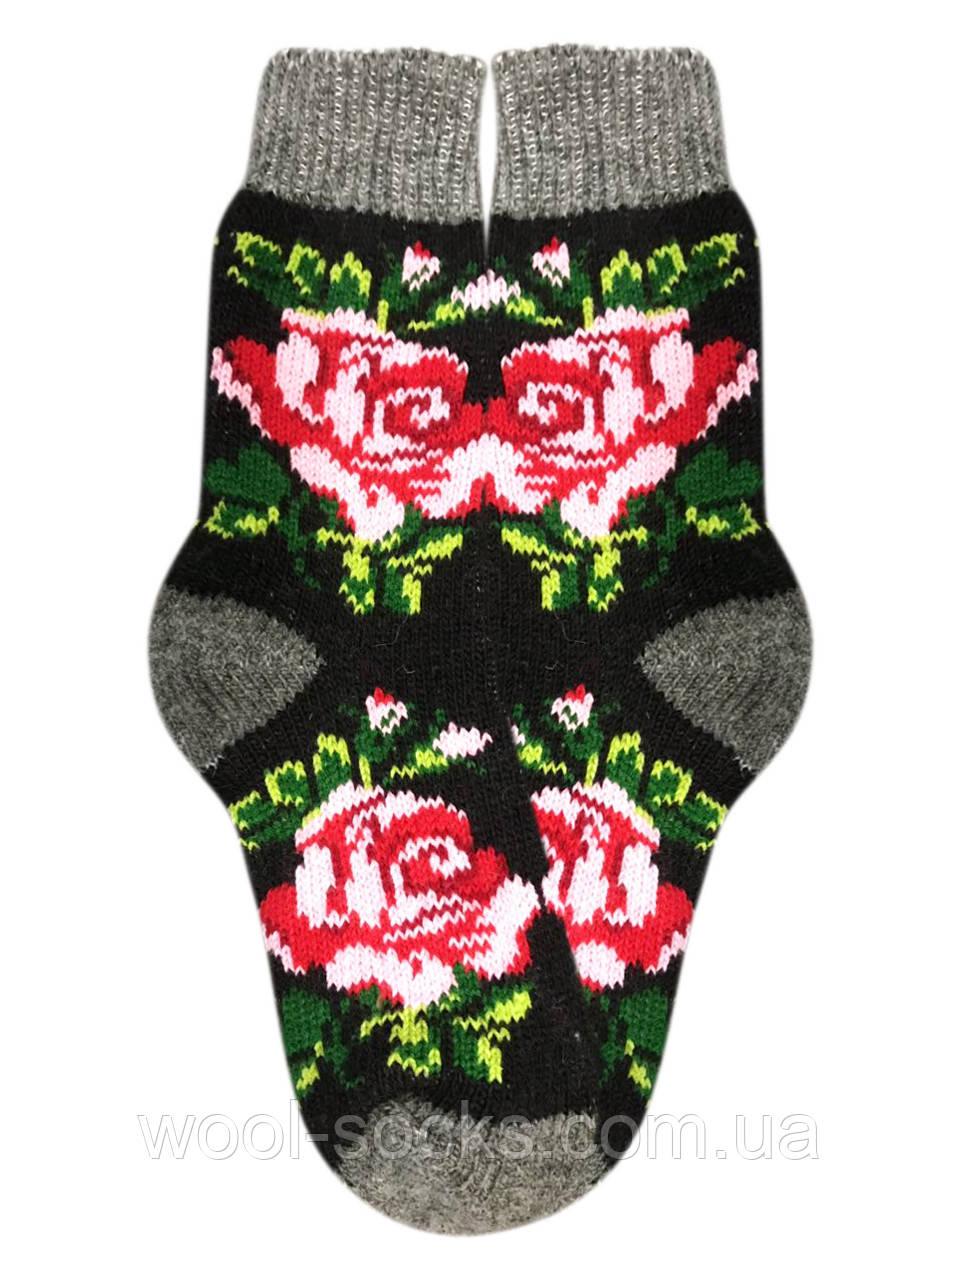 Жіночі шкарпетки вовняні